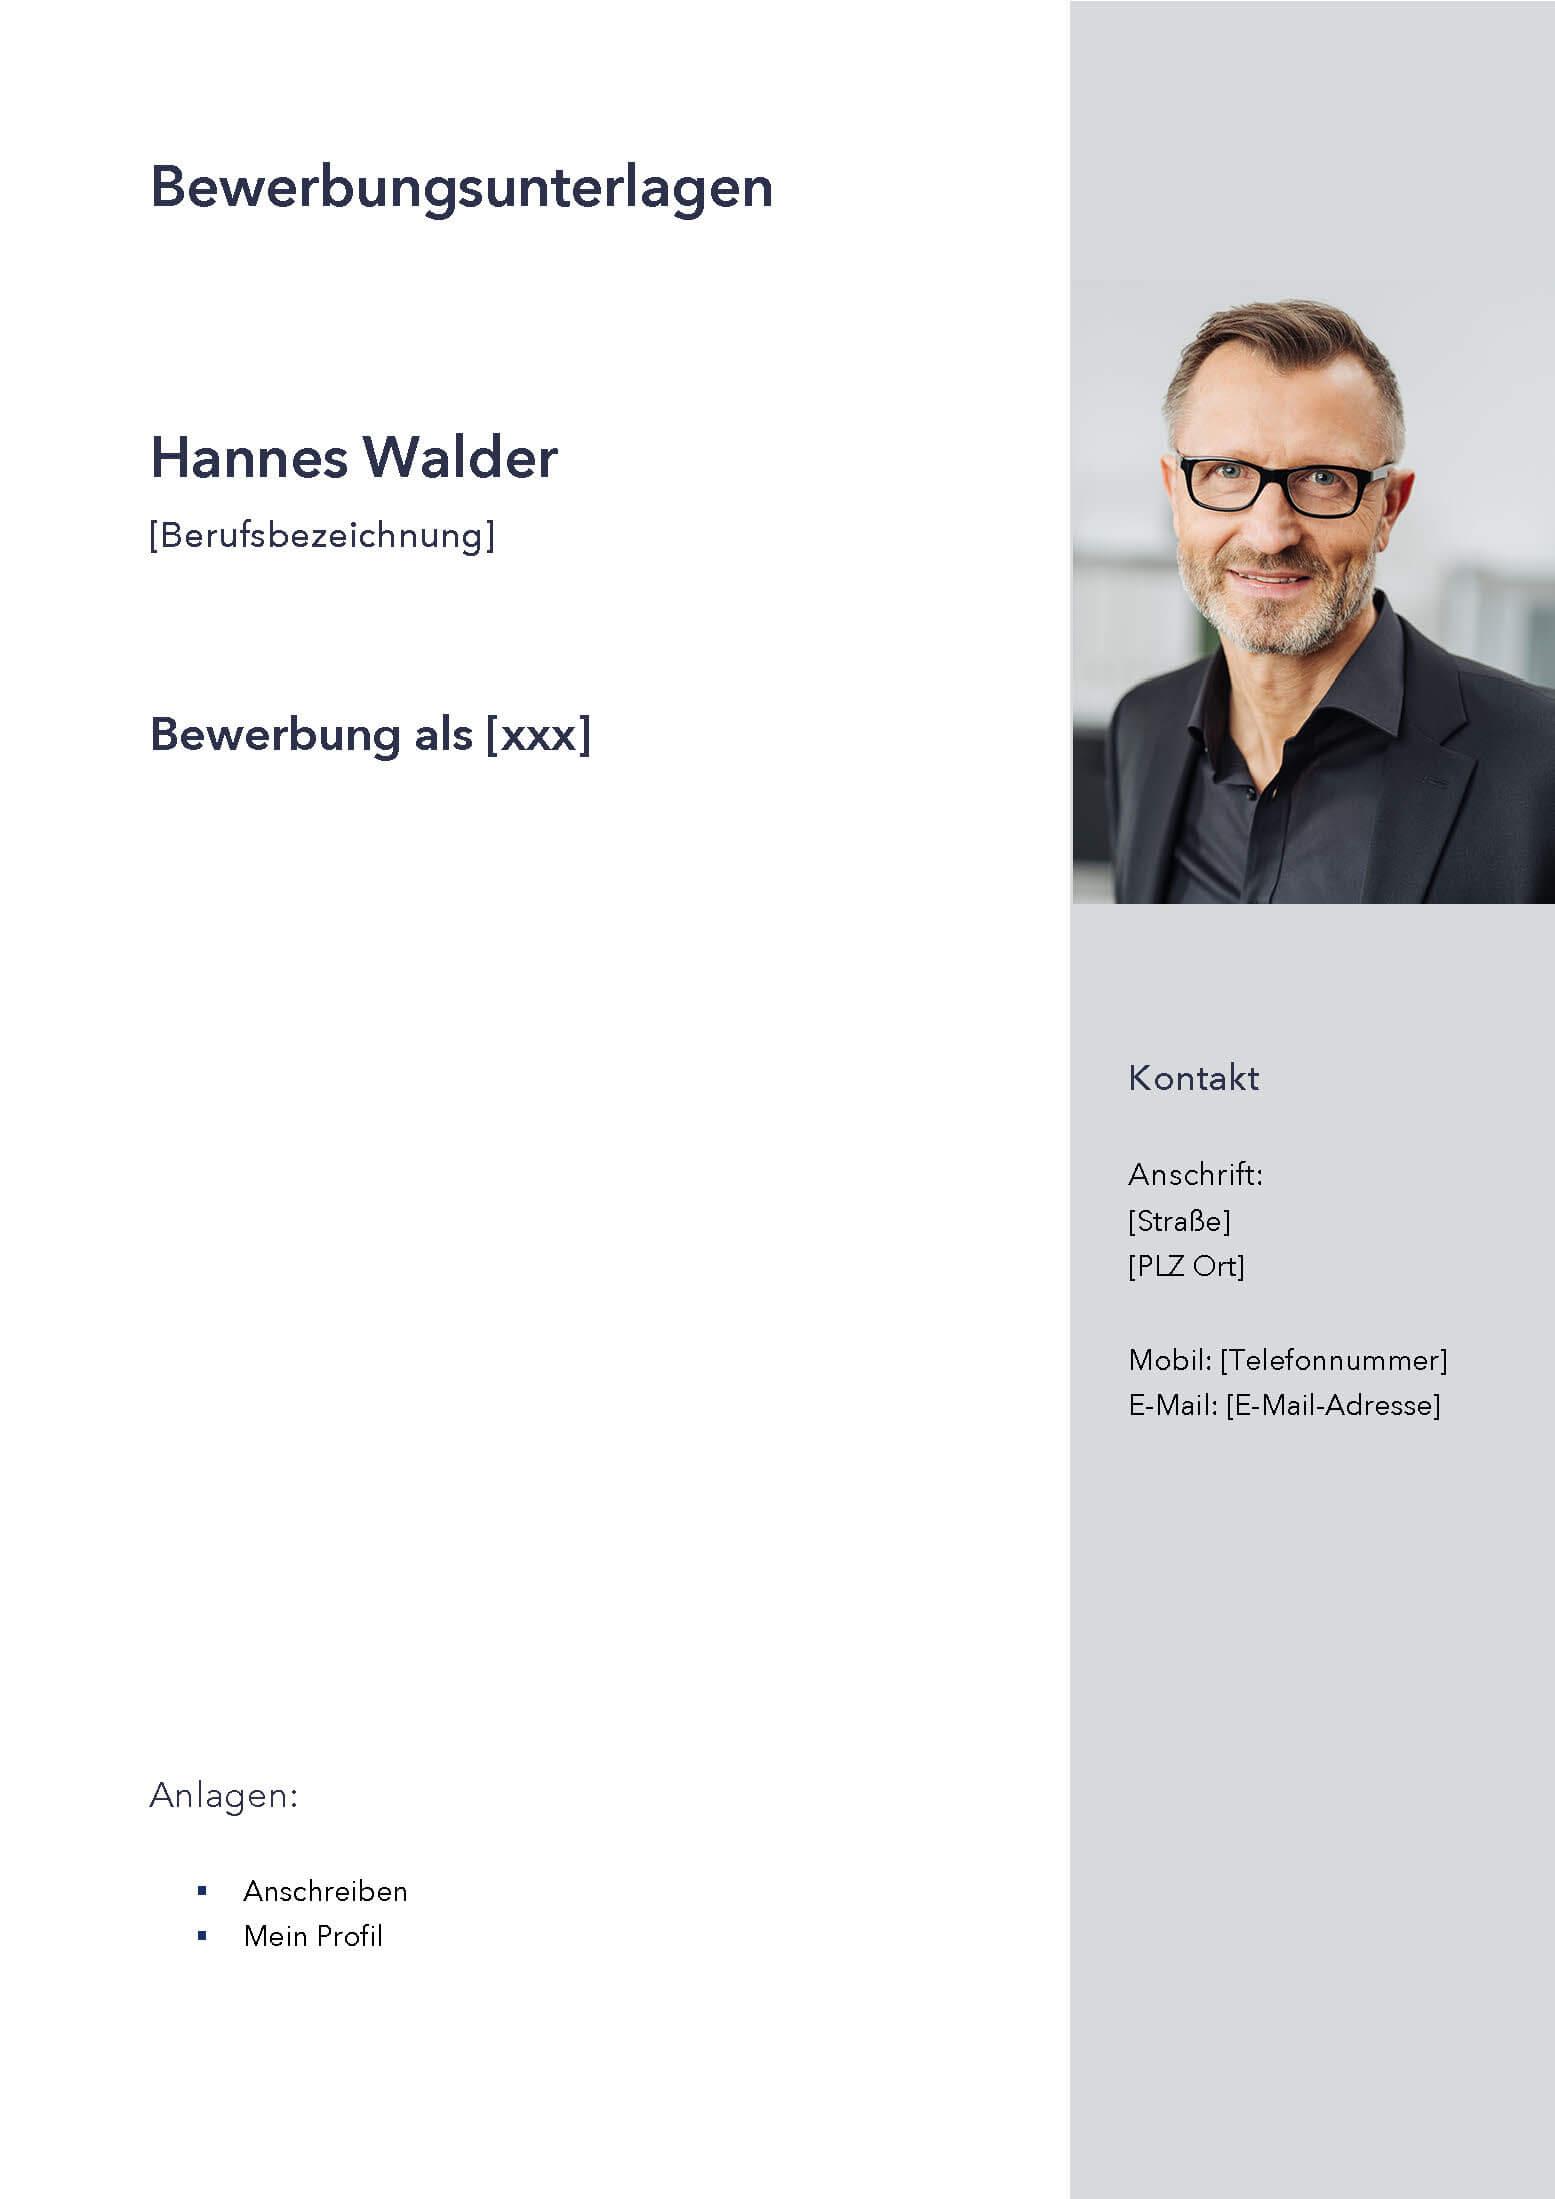 Deckblatt Bewerbungsvorlage Hannes